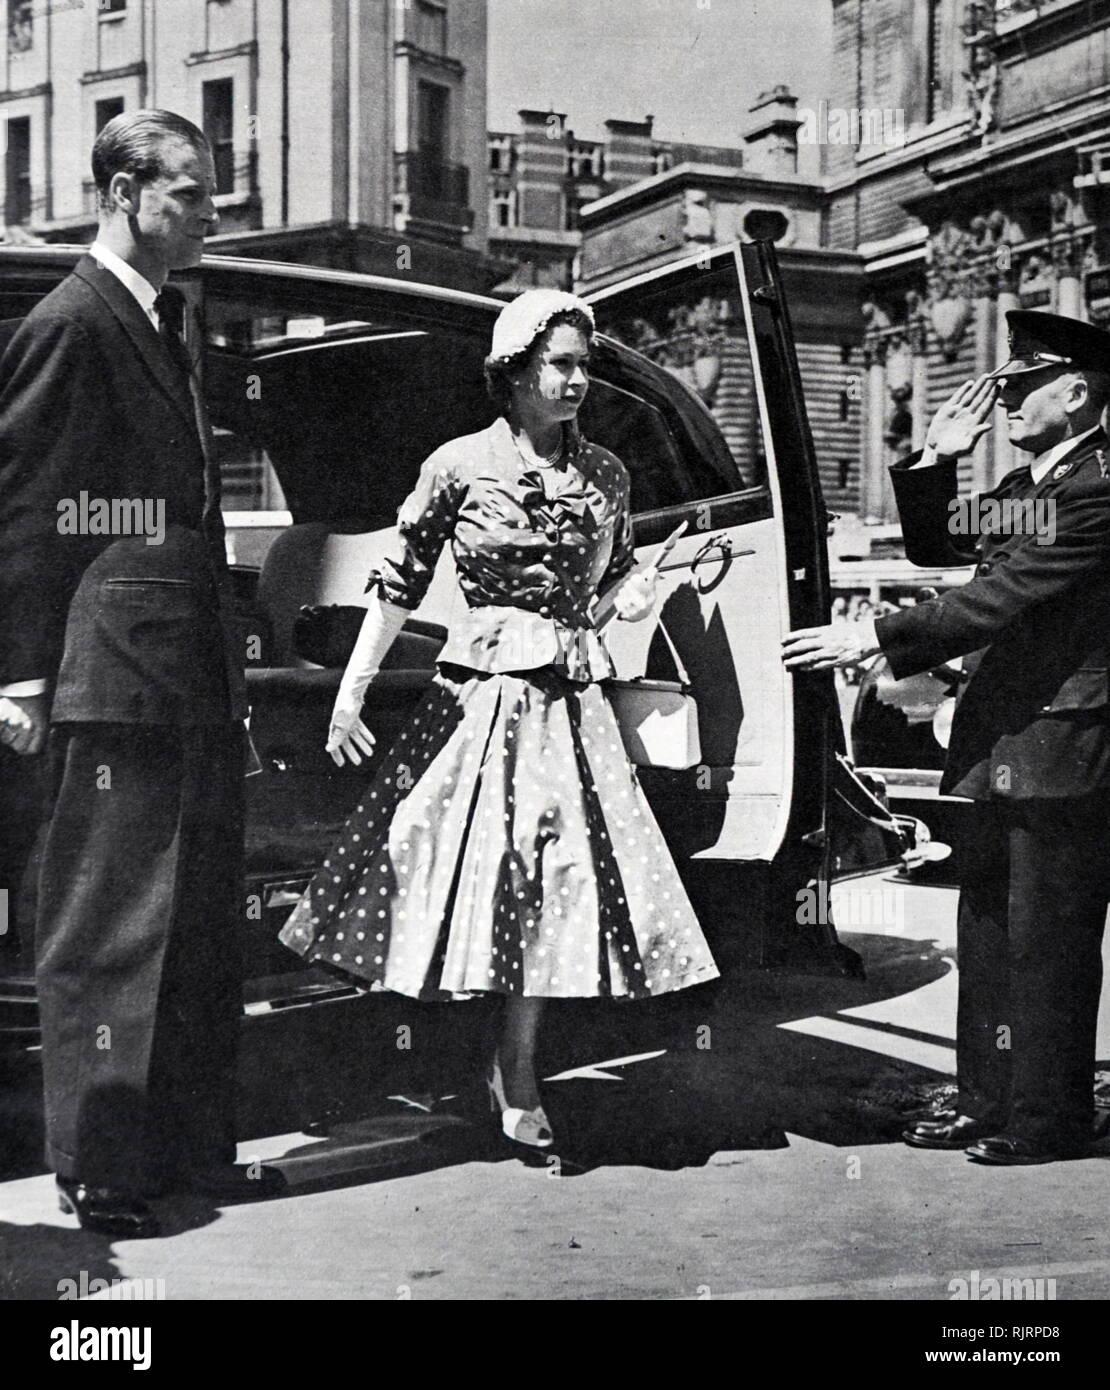 La reina Isabel II y el Duque de Edimburgo, llegando a la Abadía de Westminster, para ? Día de la coronación, el ensayo de 1953 Imagen De Stock